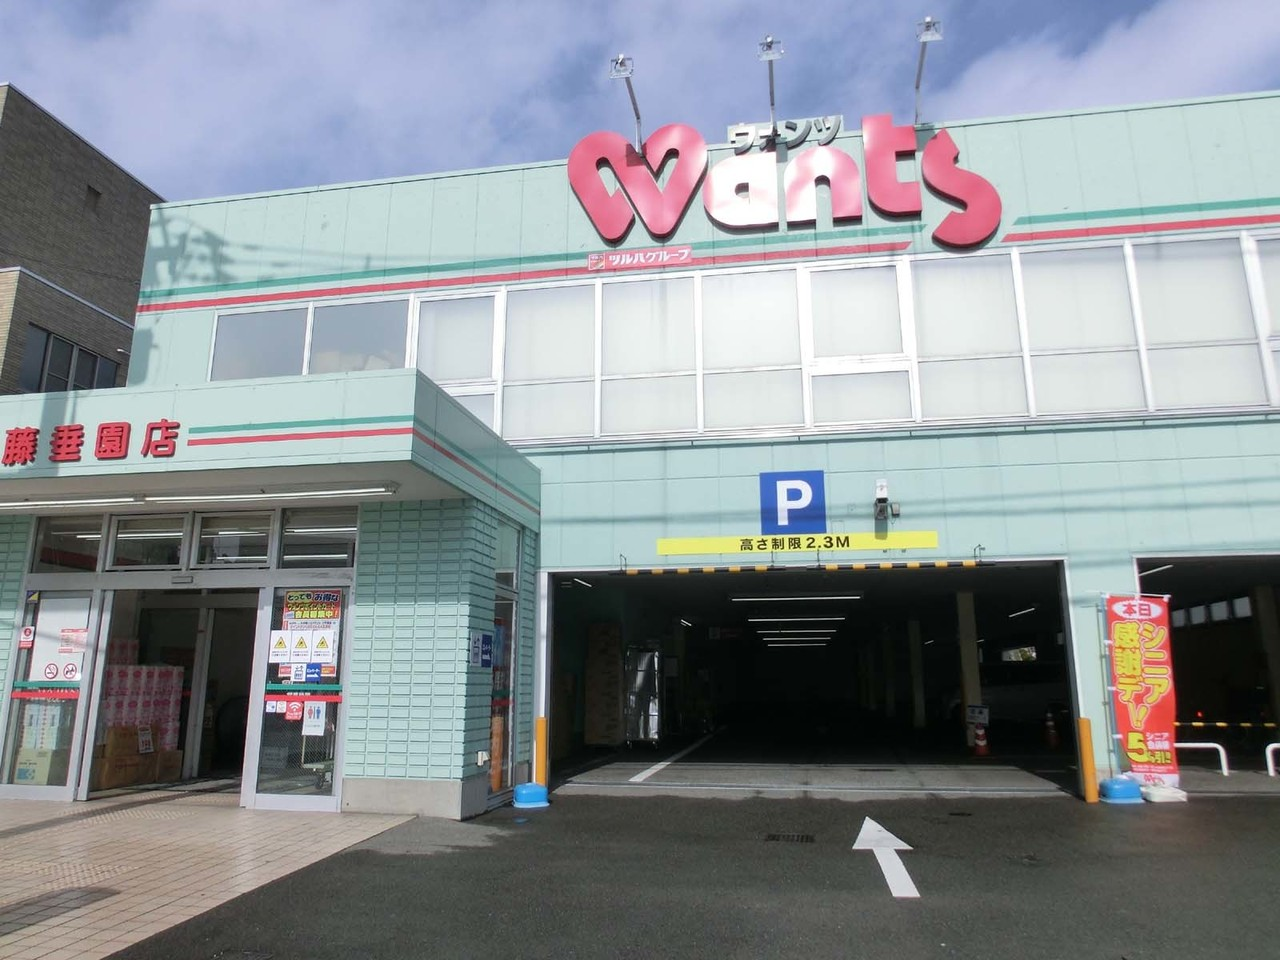 【 ドラッグストア】ドラッグストア Wants[ウォンツ]藤垂園店 営業時間 9:00~21:00 です